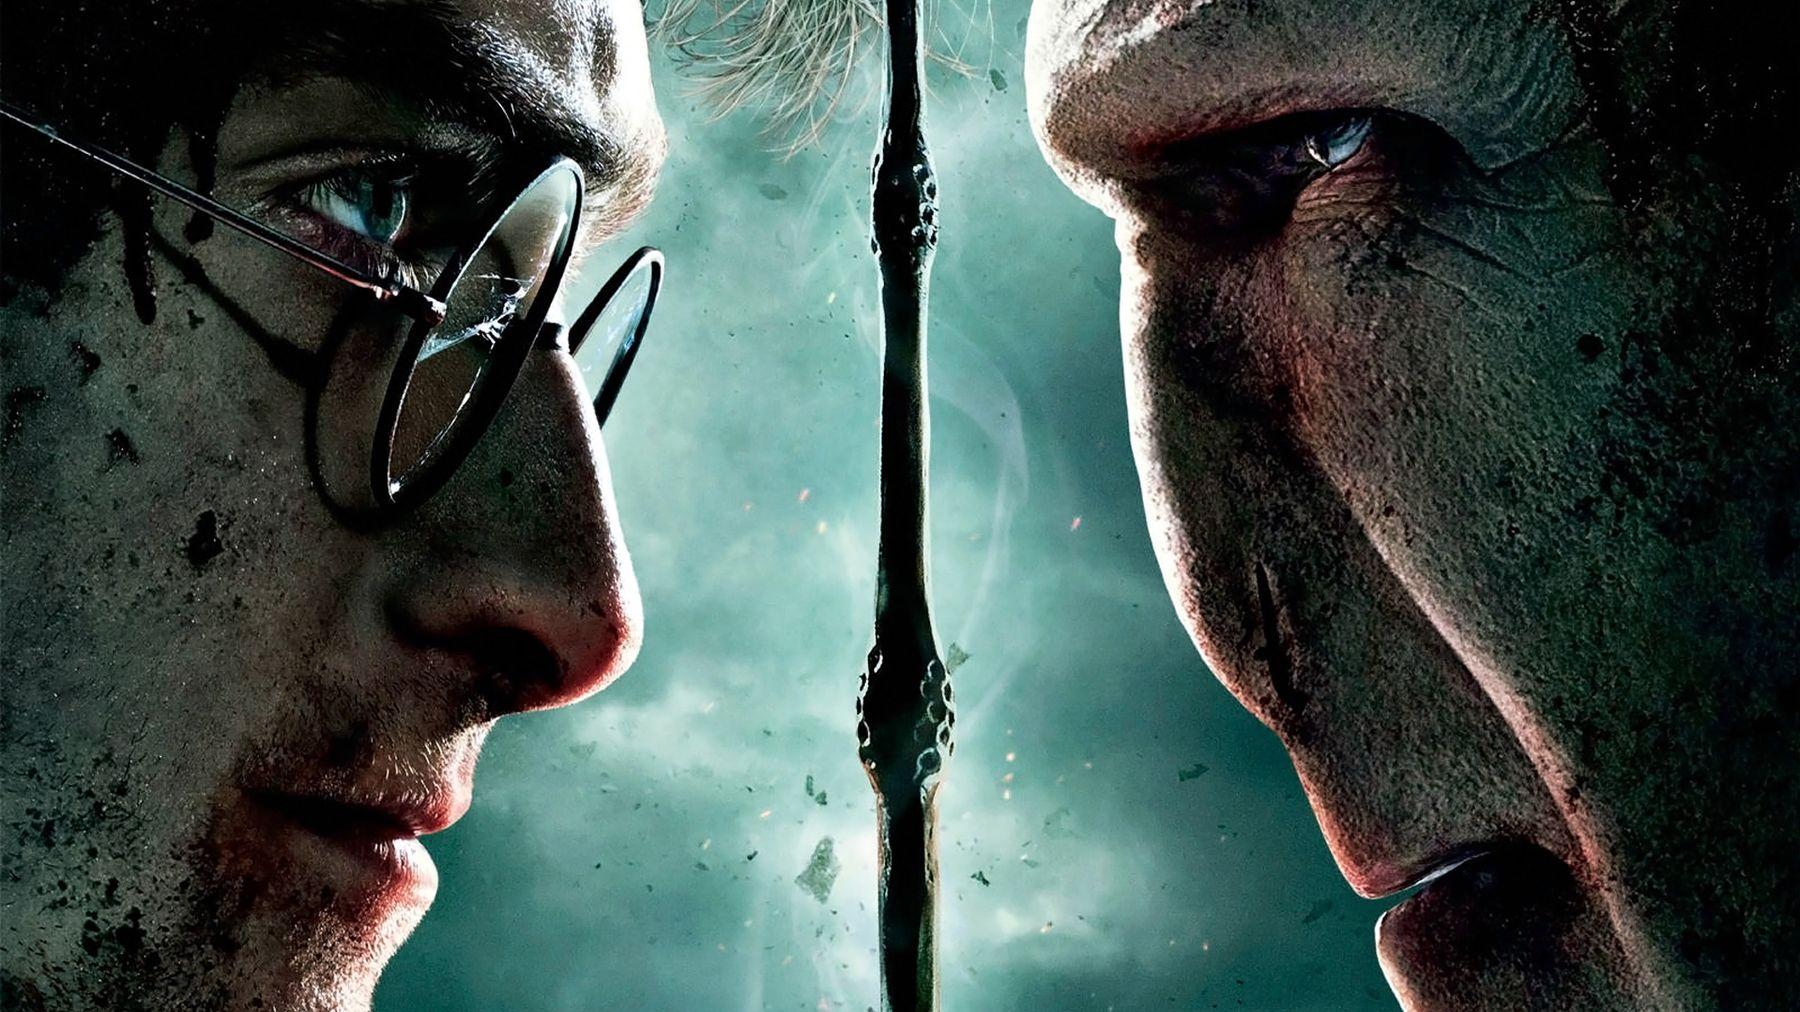 Harry Potter và Chúa tể Voldemort đang amwtj đối mặt bên cây đũa phép Cơm nguội